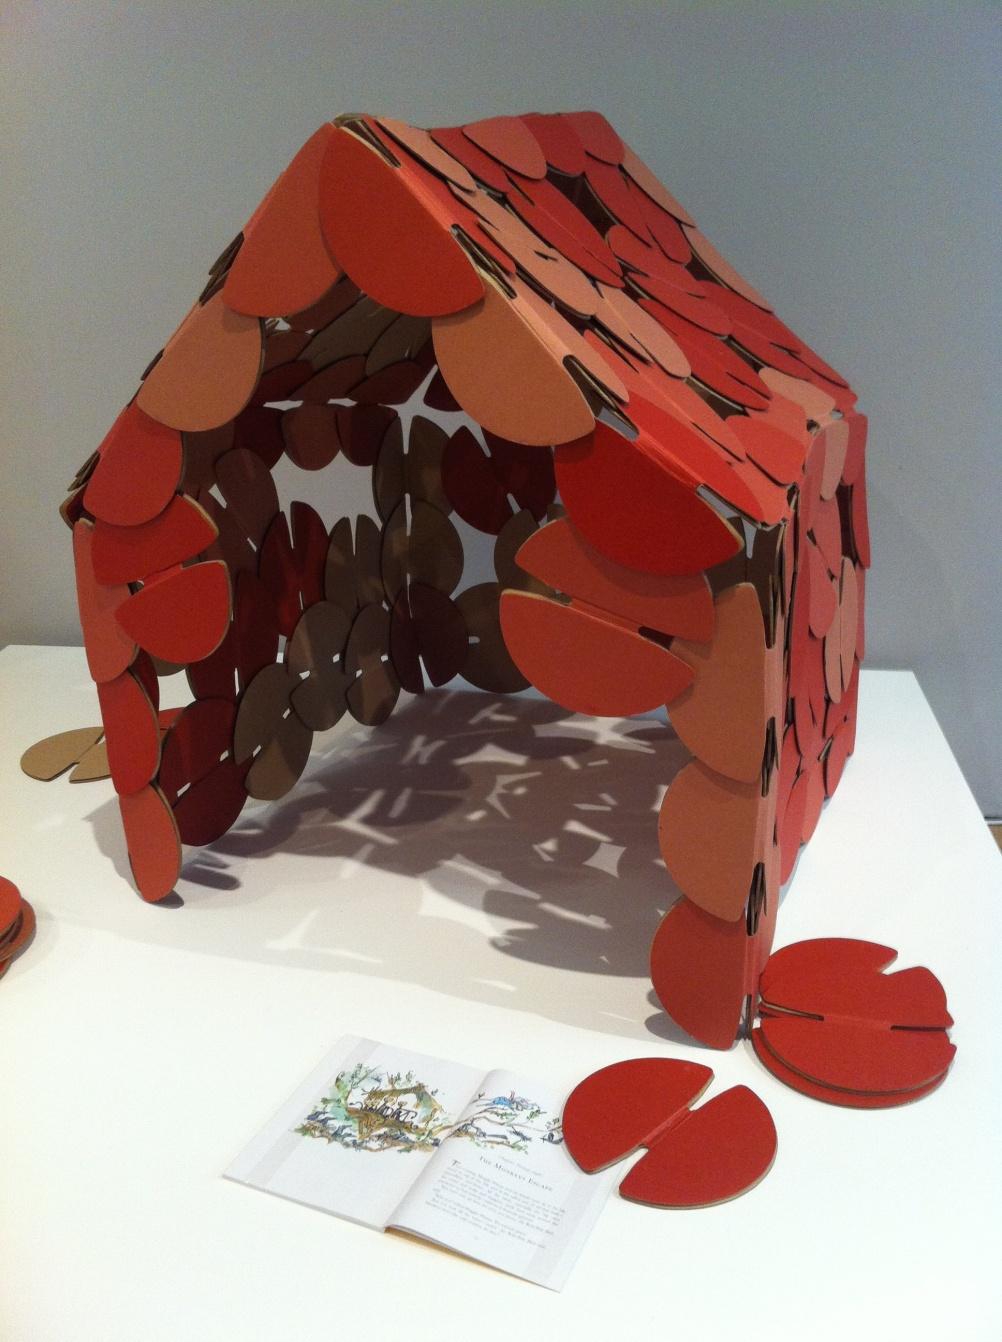 Torsten Sherwood's work